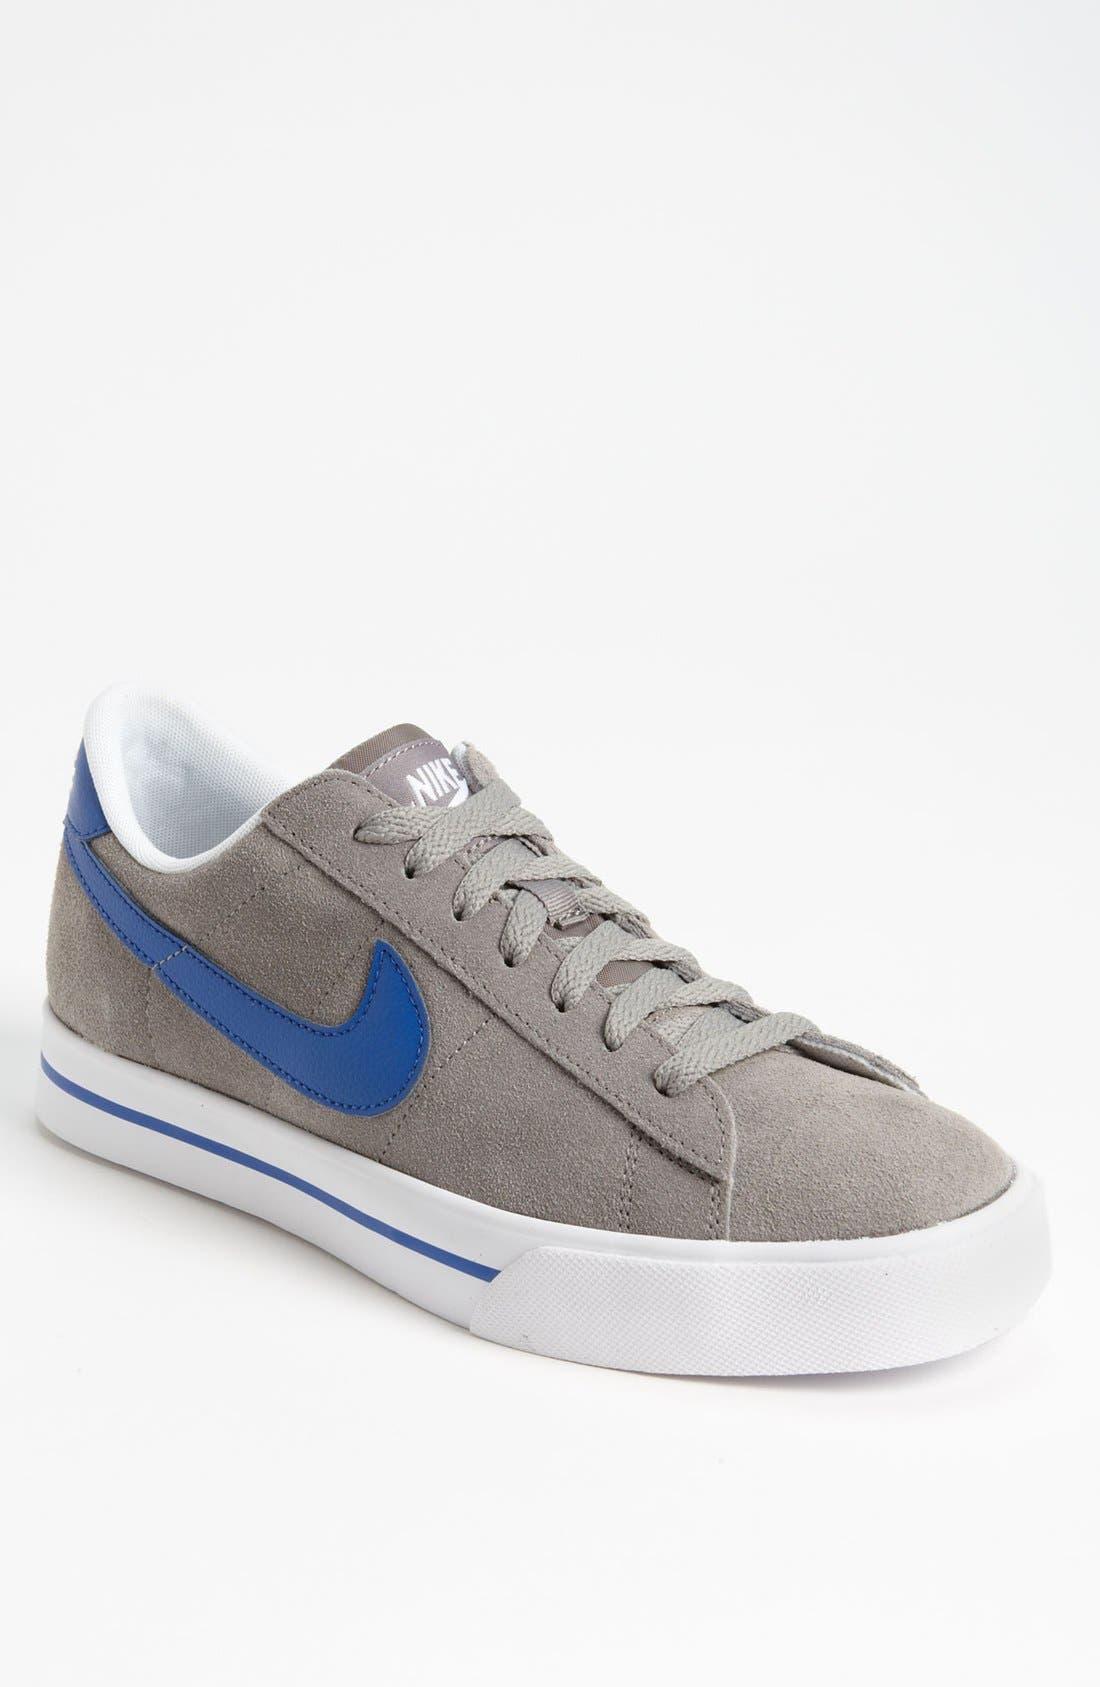 Alternate Image 1 Selected - Nike 'Sweet Classic' Sneaker (Men)